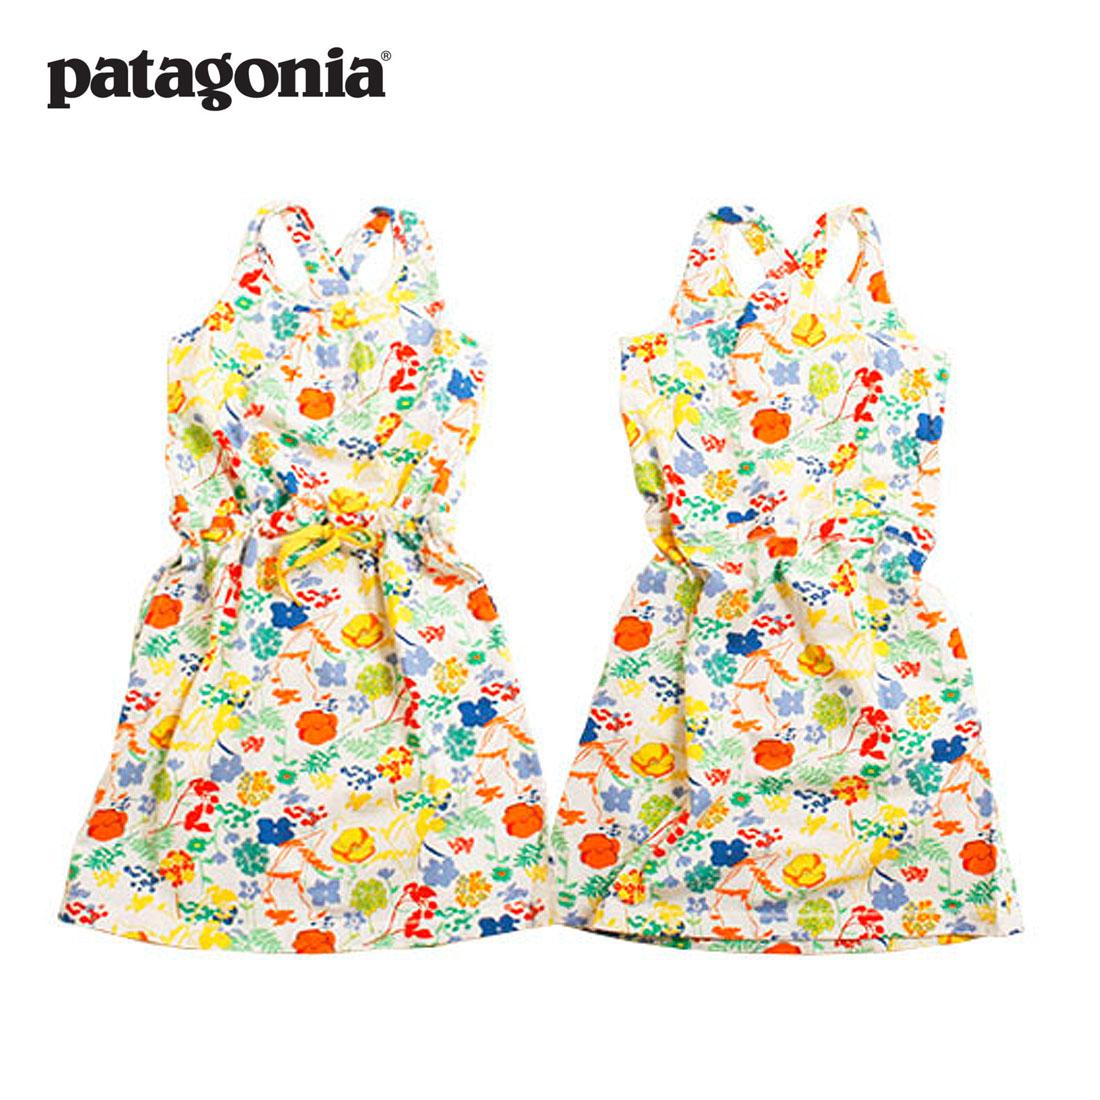 【正規取扱店】パタゴニア patagonia  Girls' Tidal Dress(L)ガールズ・タイダル・ドレス メール便不可